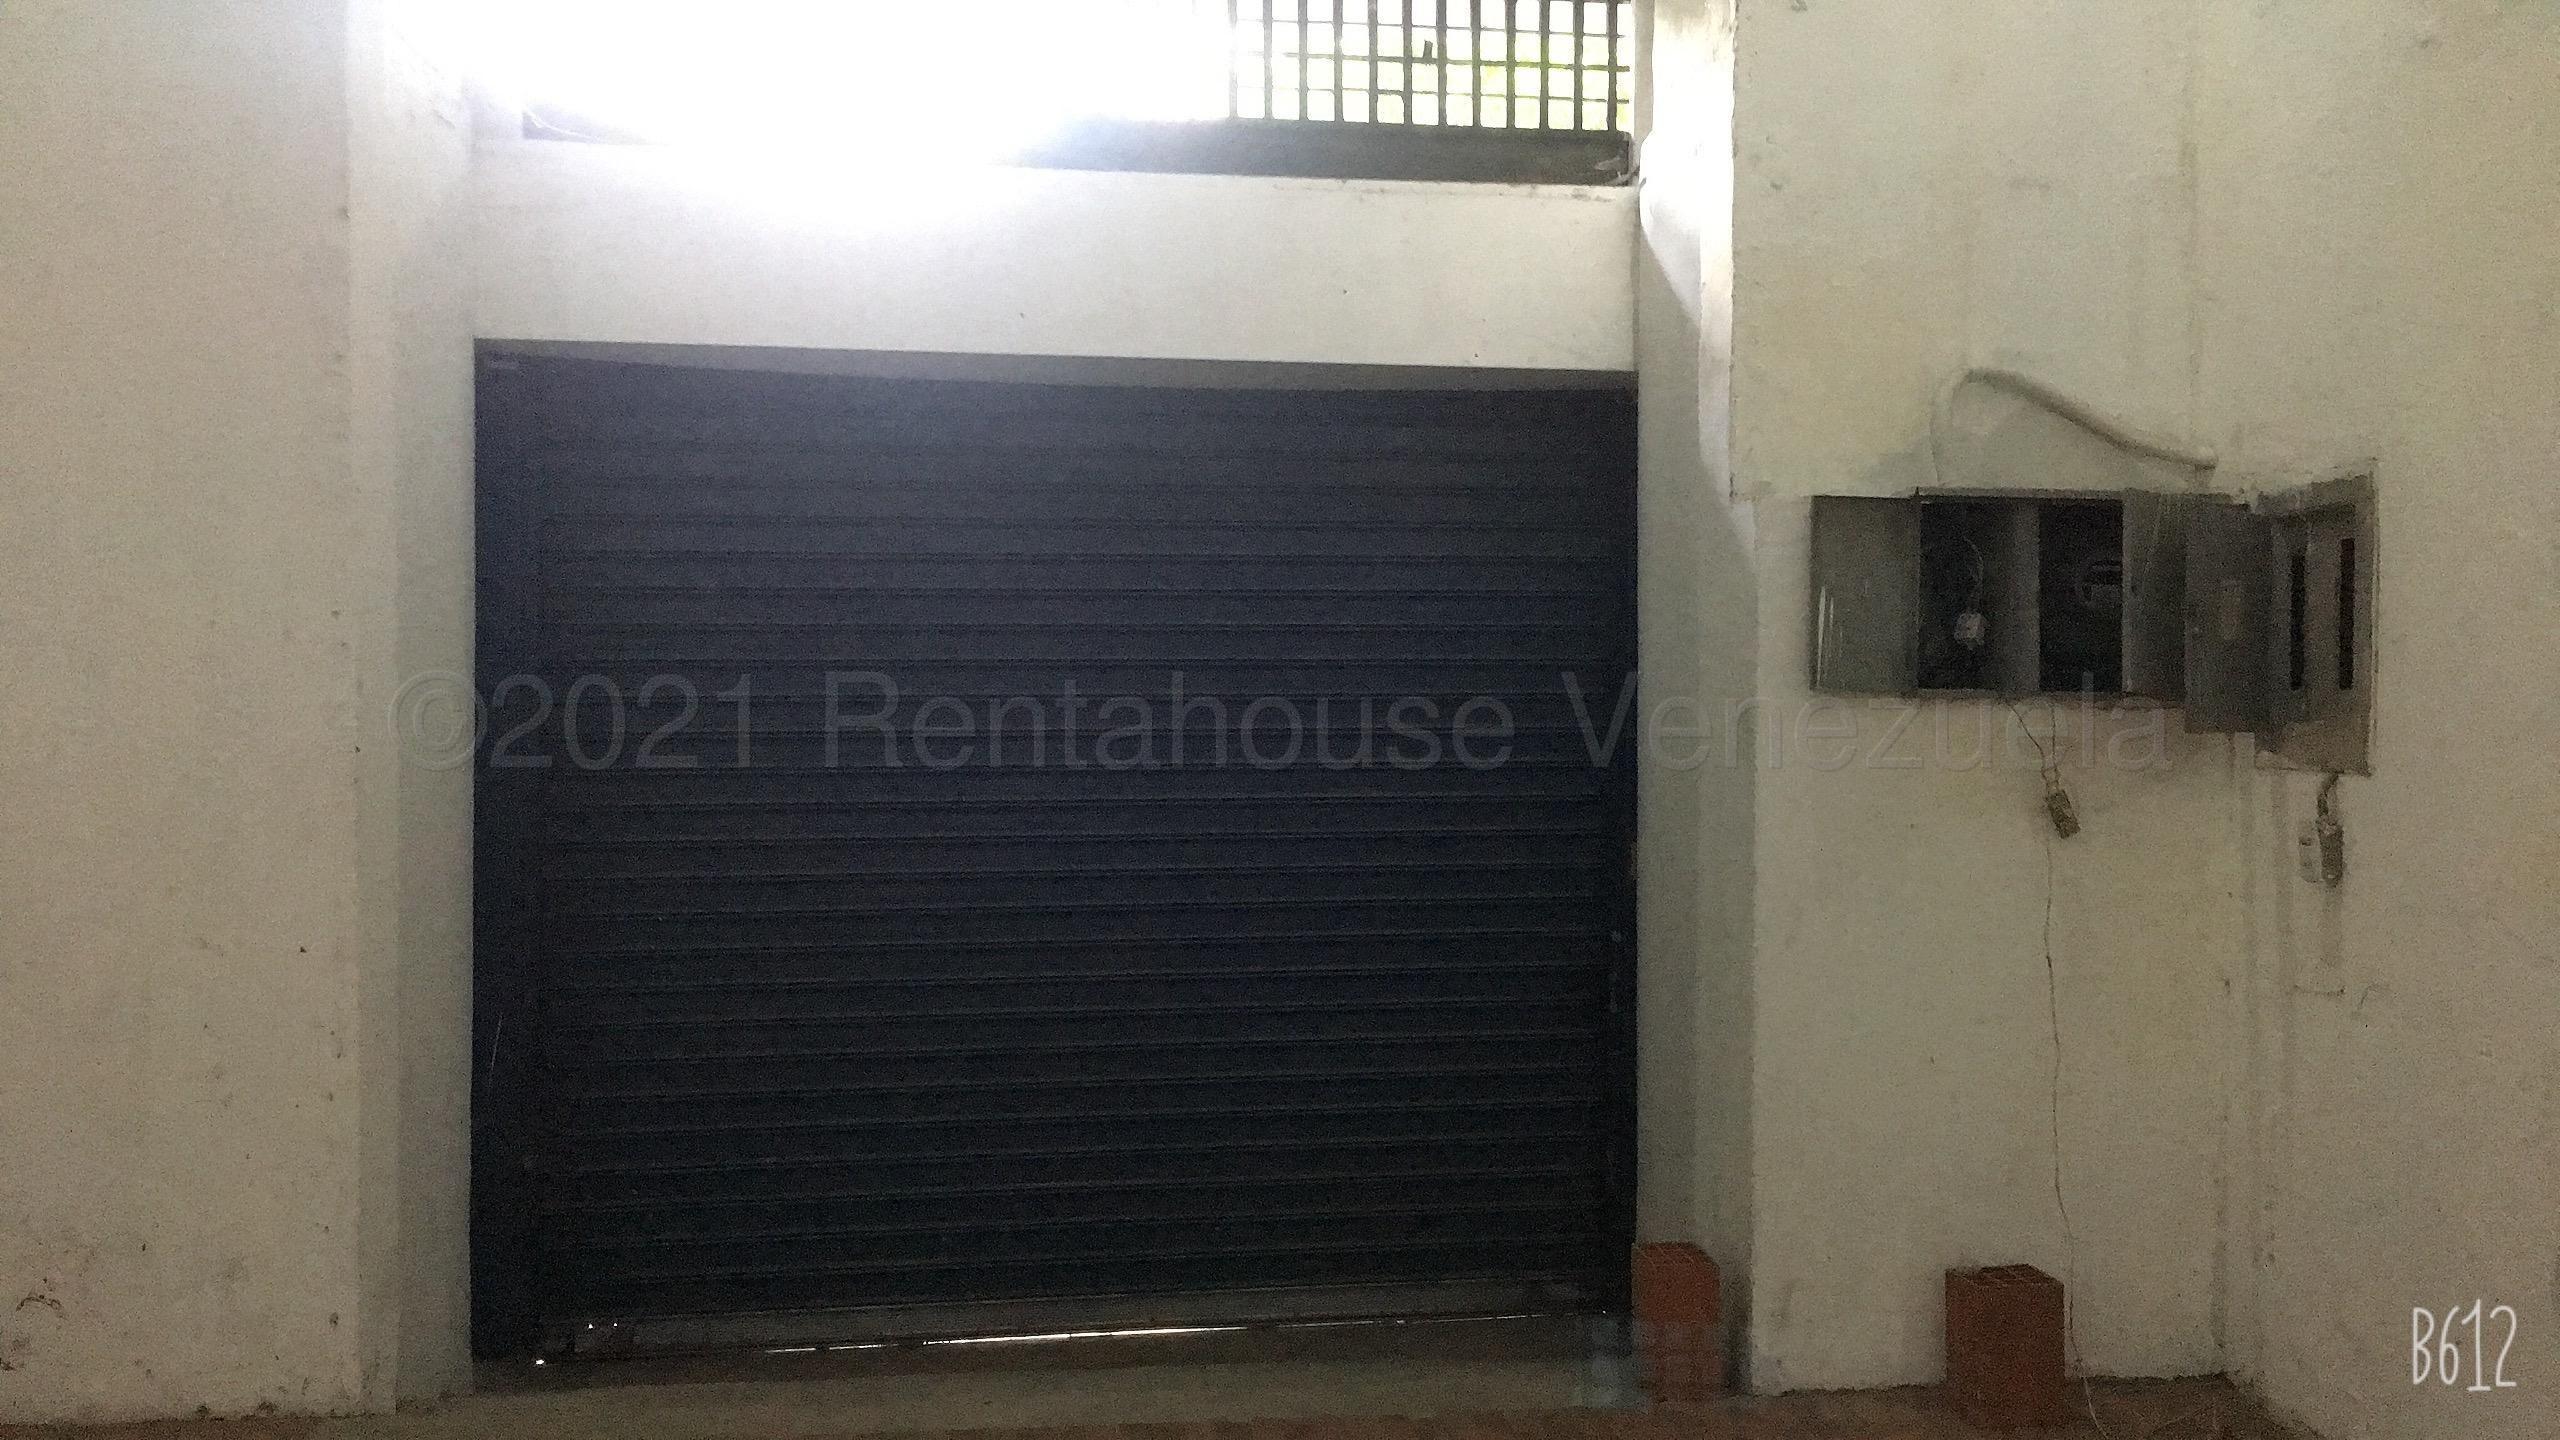 Local Comercial Distrito Metropolitano>Caracas>Chacao - Venta:700.000 Precio Referencial - codigo: 21-20126